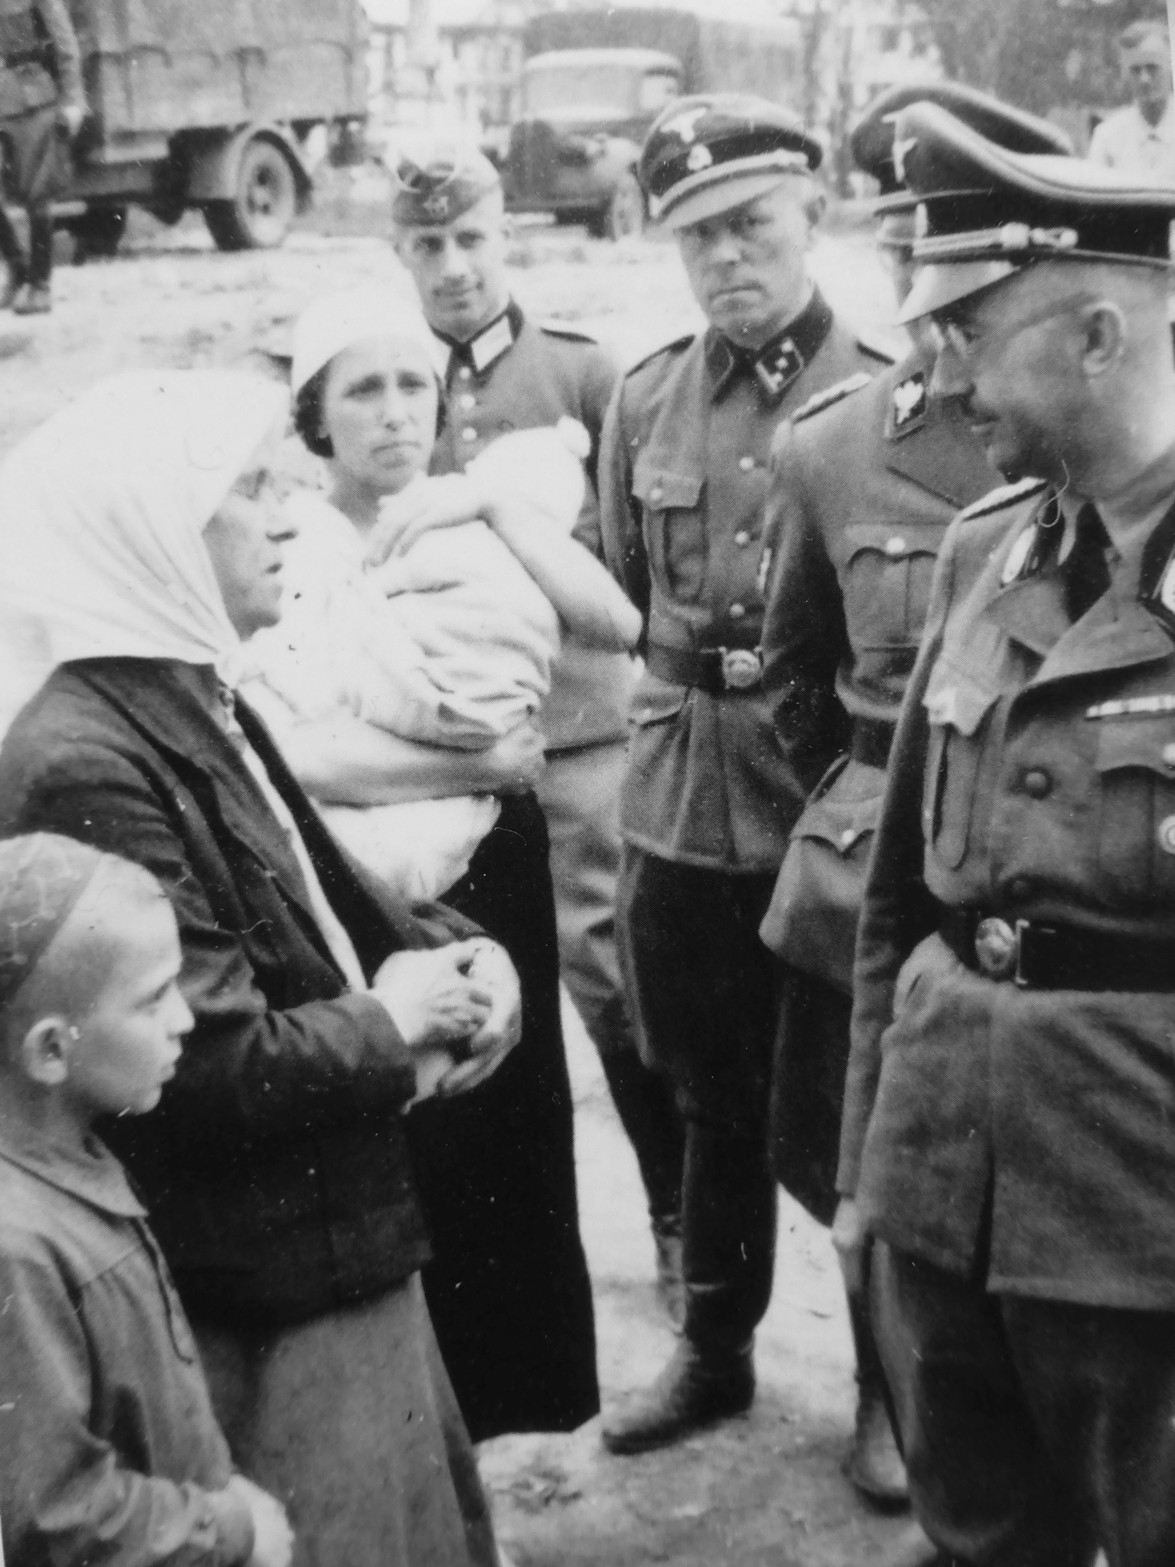 1941. Рейхсфюрер СС Генрих Гиммлер разговаривает с крестьянами во время инспекционной поездки по Белоруссии